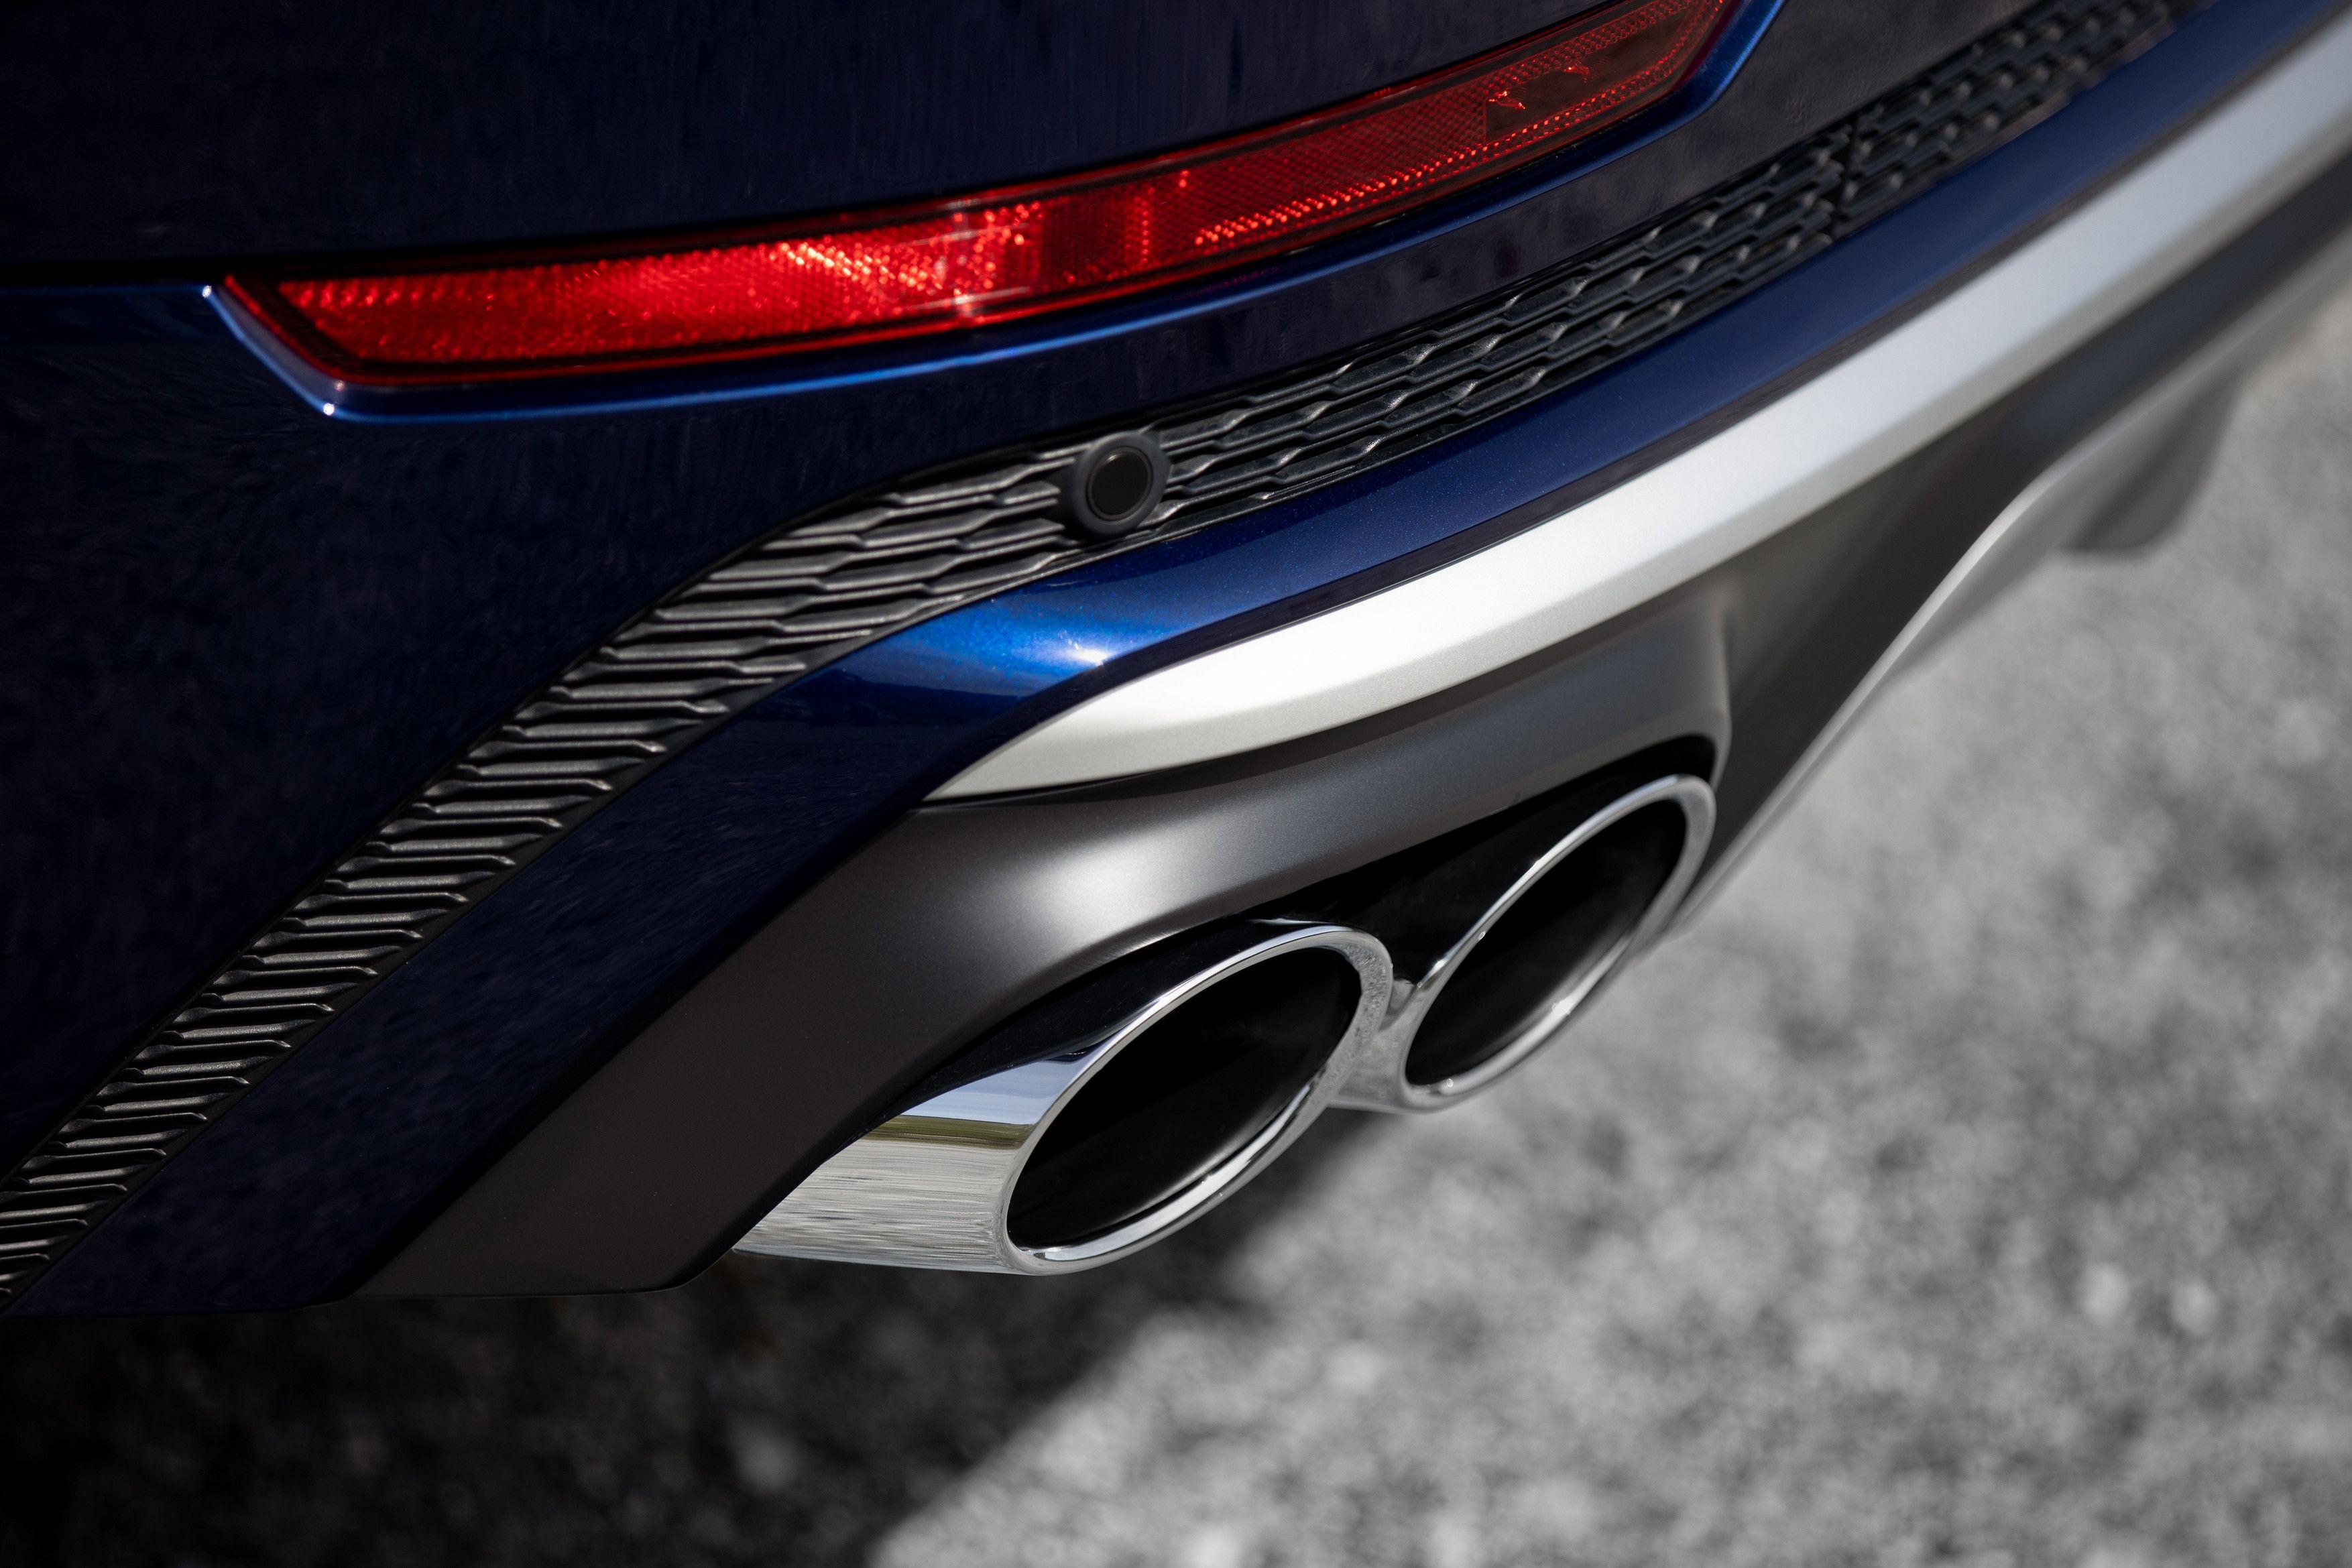 """Максим Шкіль: """"Для топової версії Audi SQ8 дизельний двигун - найкращий варіант"""""""